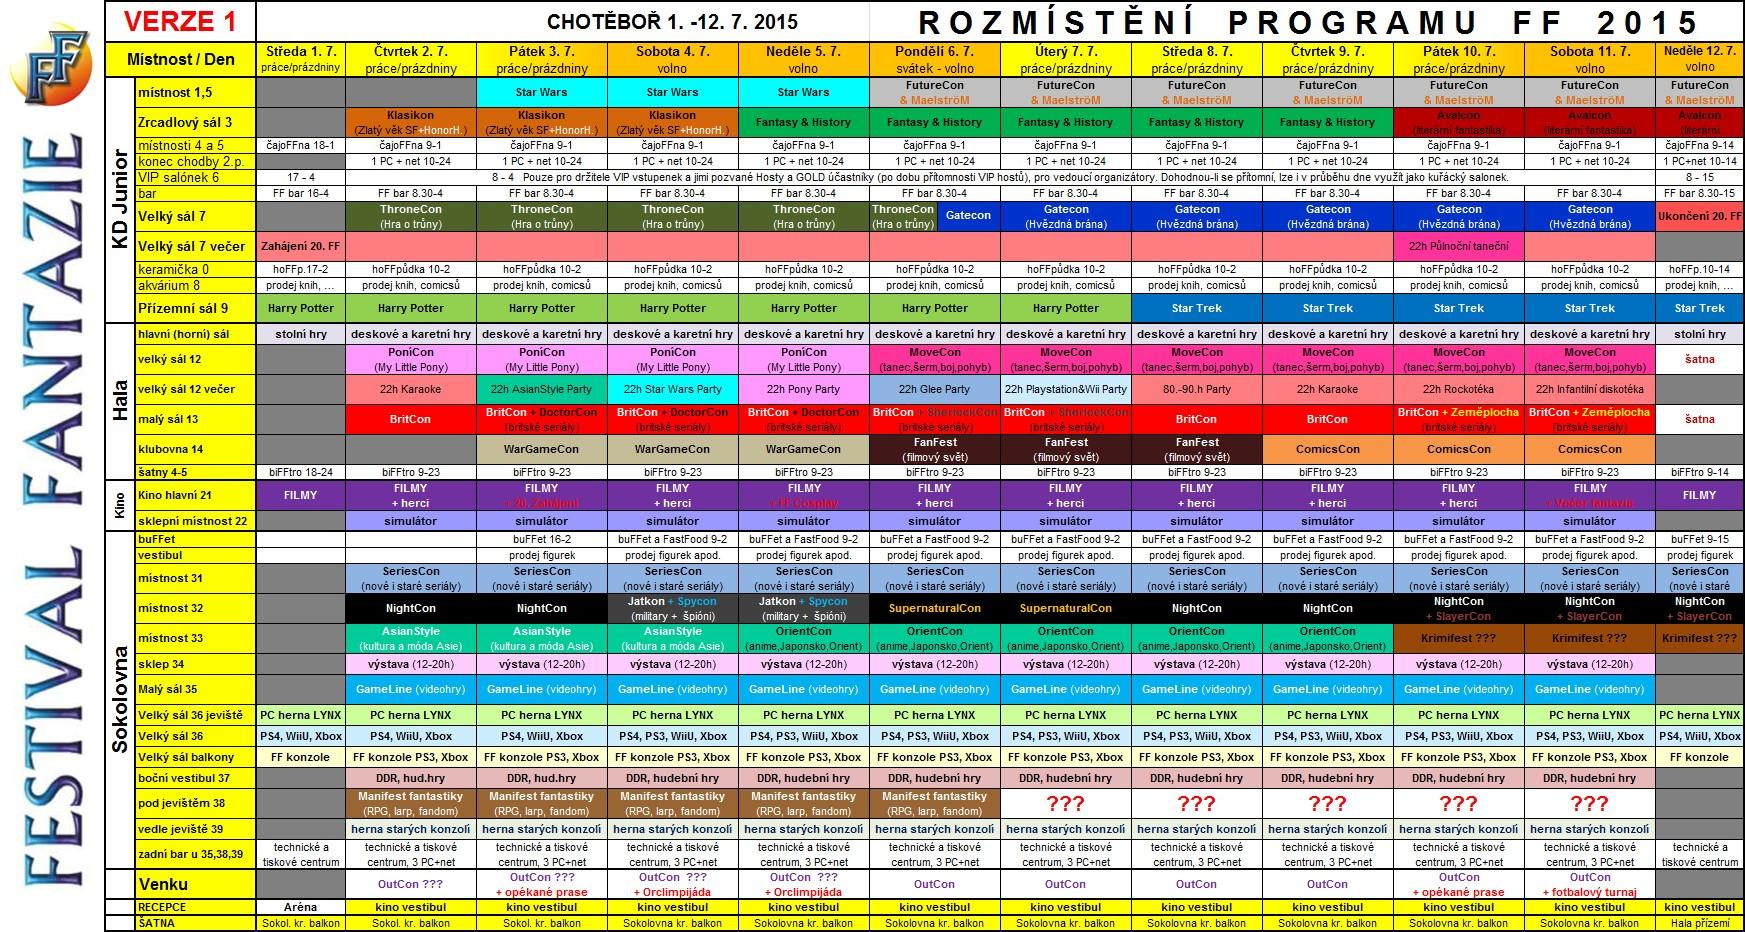 Rozmístění programových linií na Festivalu fantazie 2015